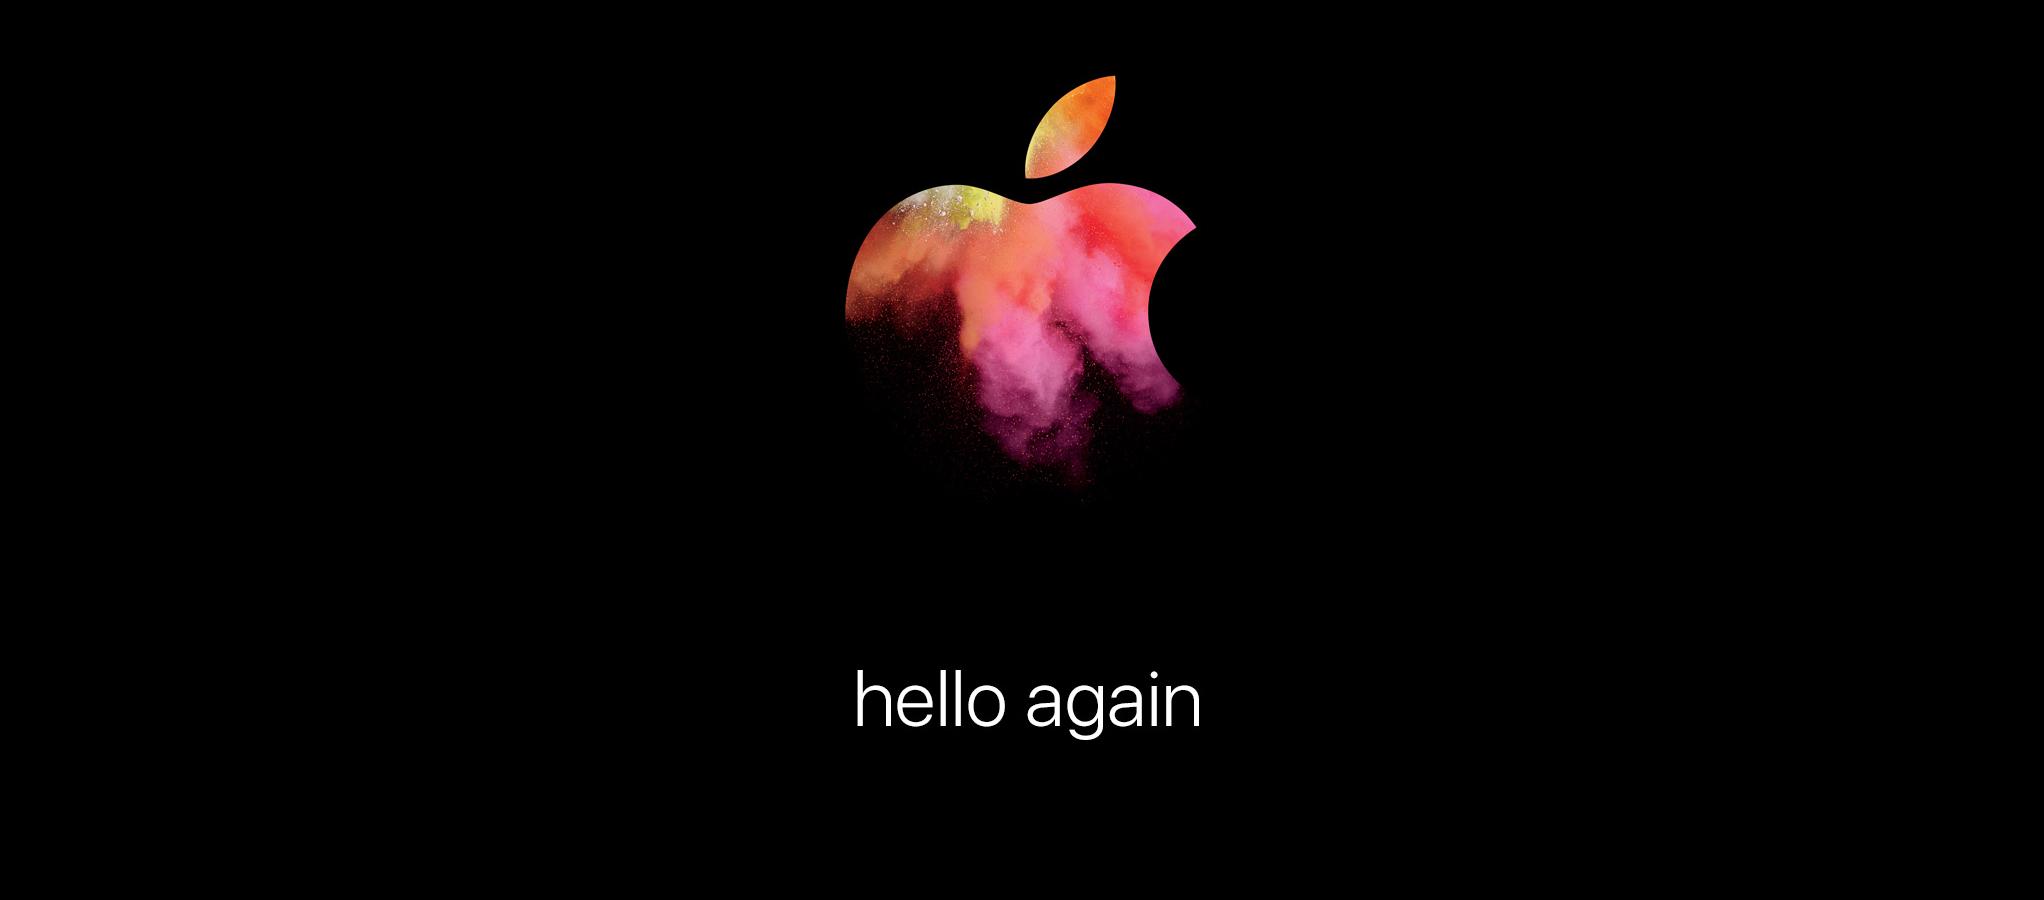 Am 28. Oktober stellt Apple um 19 Uhr das neue Macbook Pro vor.